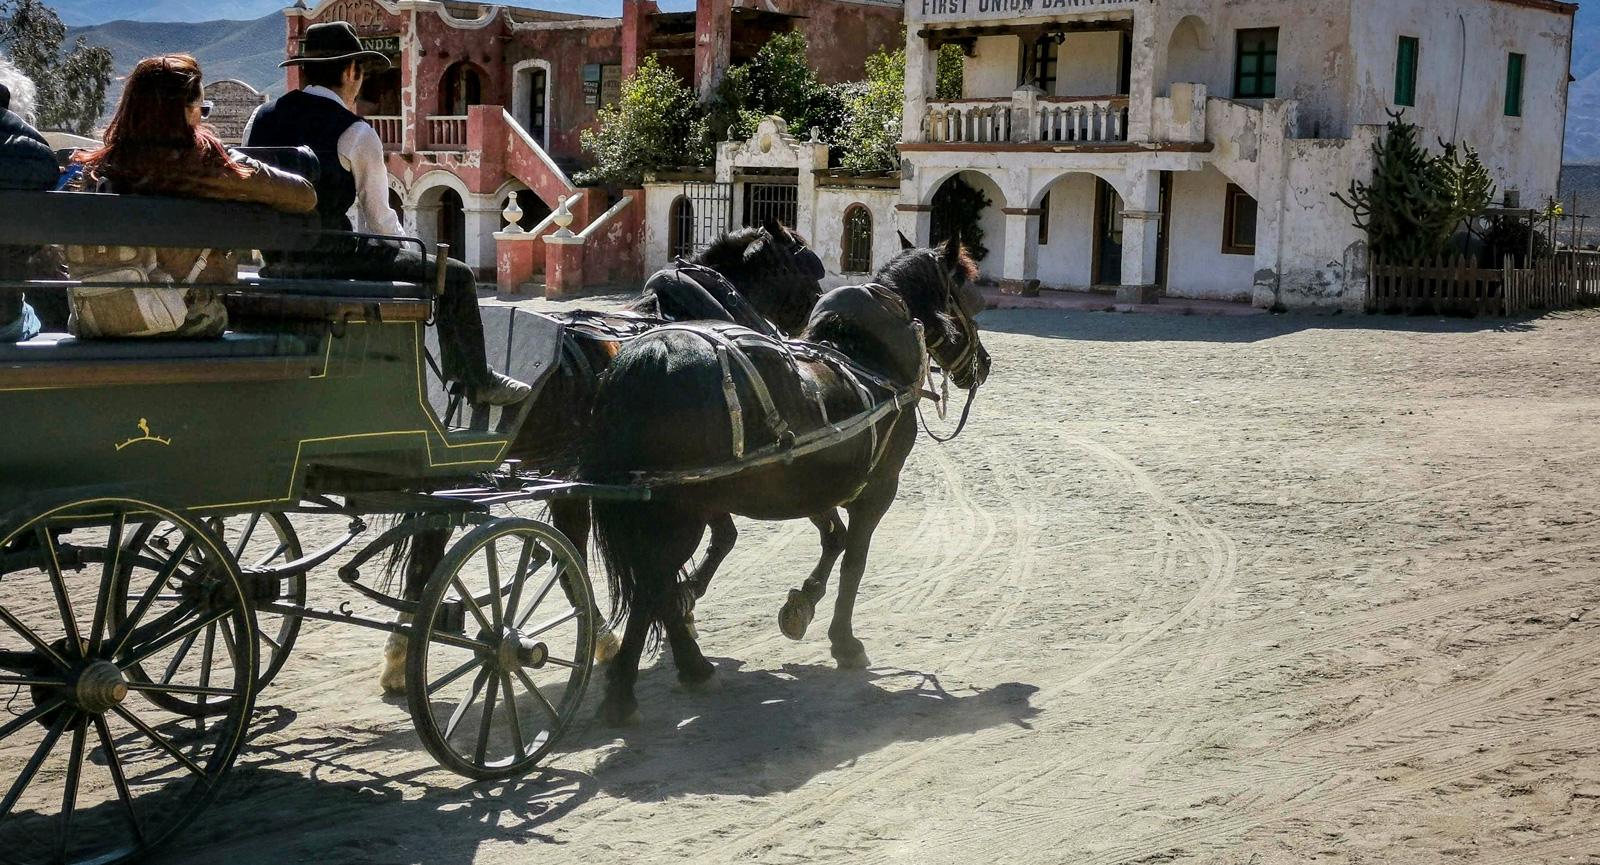 Det ingår en tur med häst och vagn i entrébiljetten.